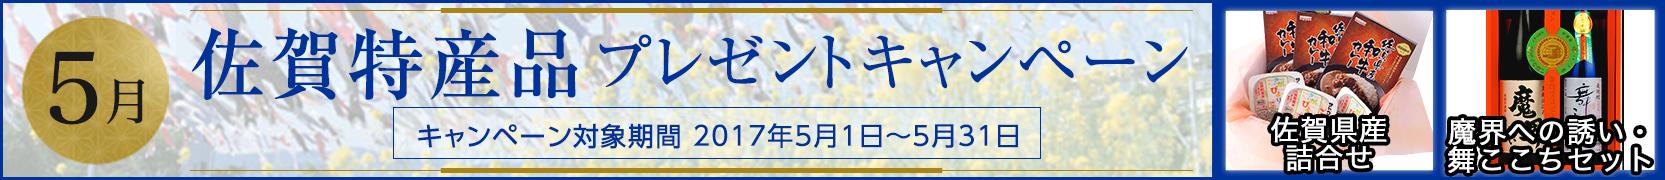 佐賀県特産品プレゼントキャンペーン5月